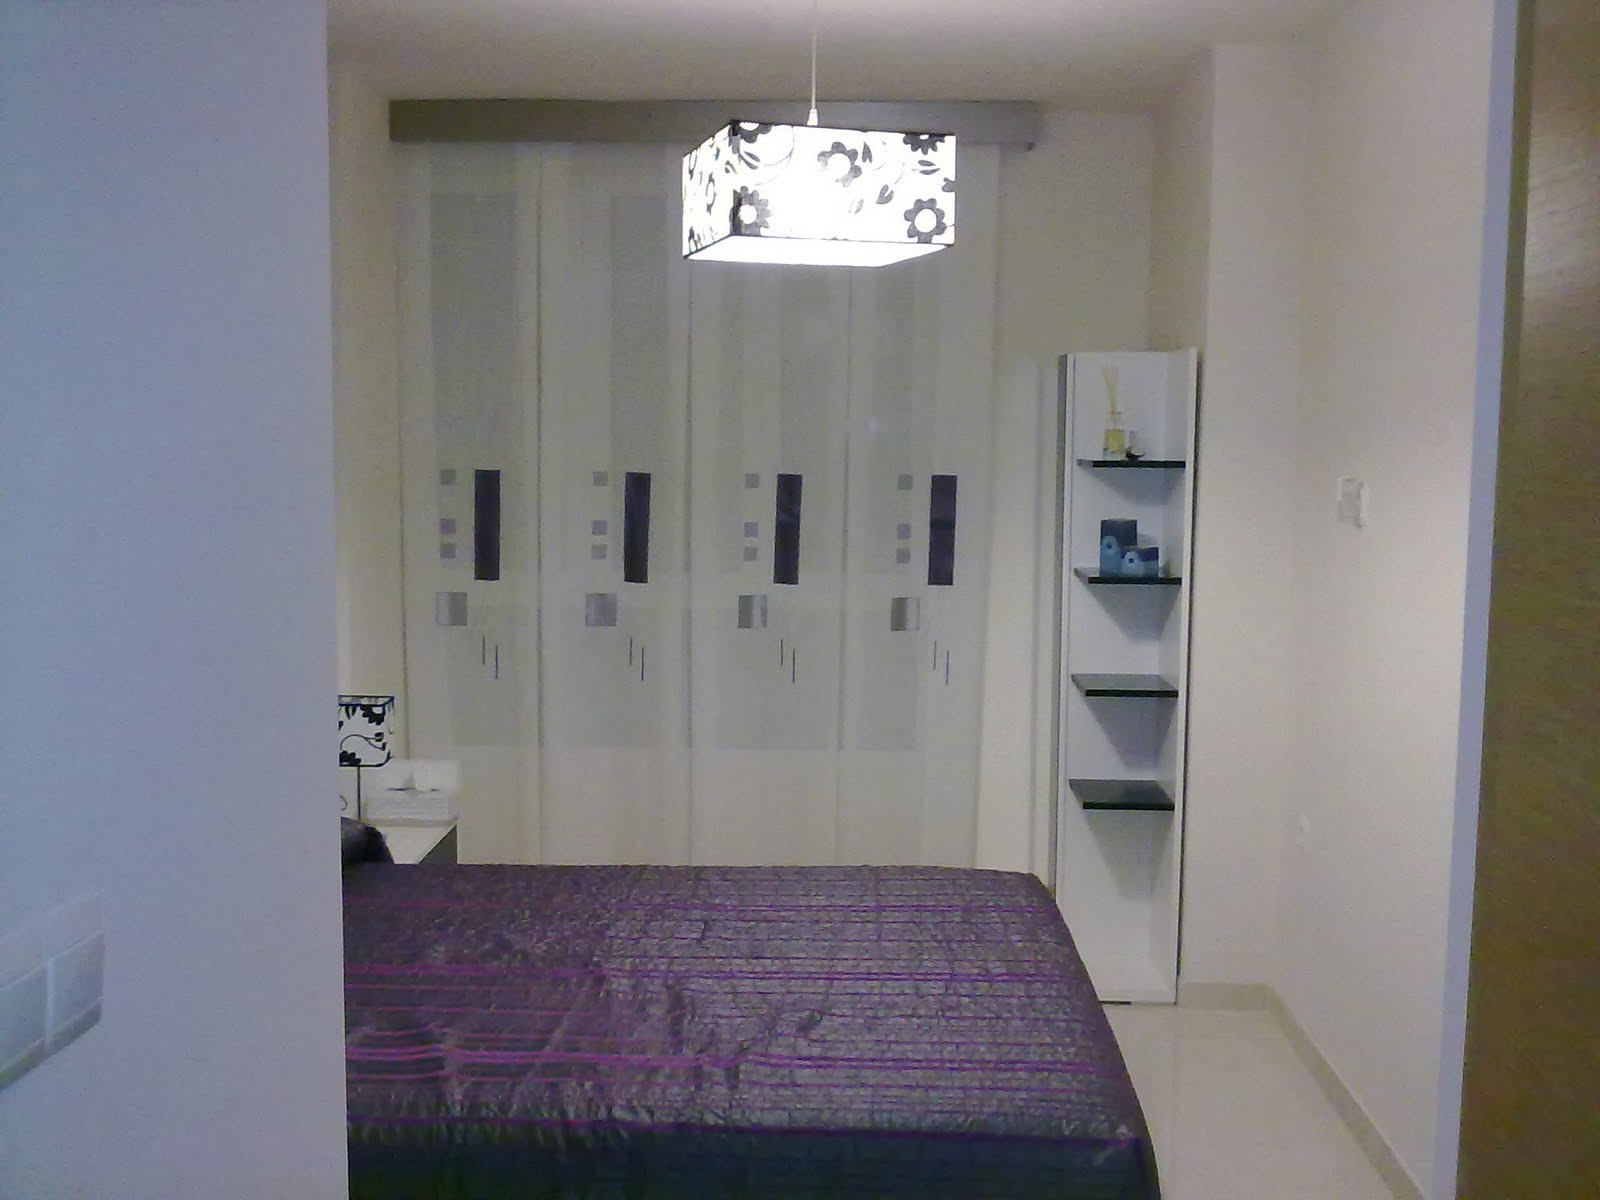 404 not found - Cortinas dormitorio principal ...